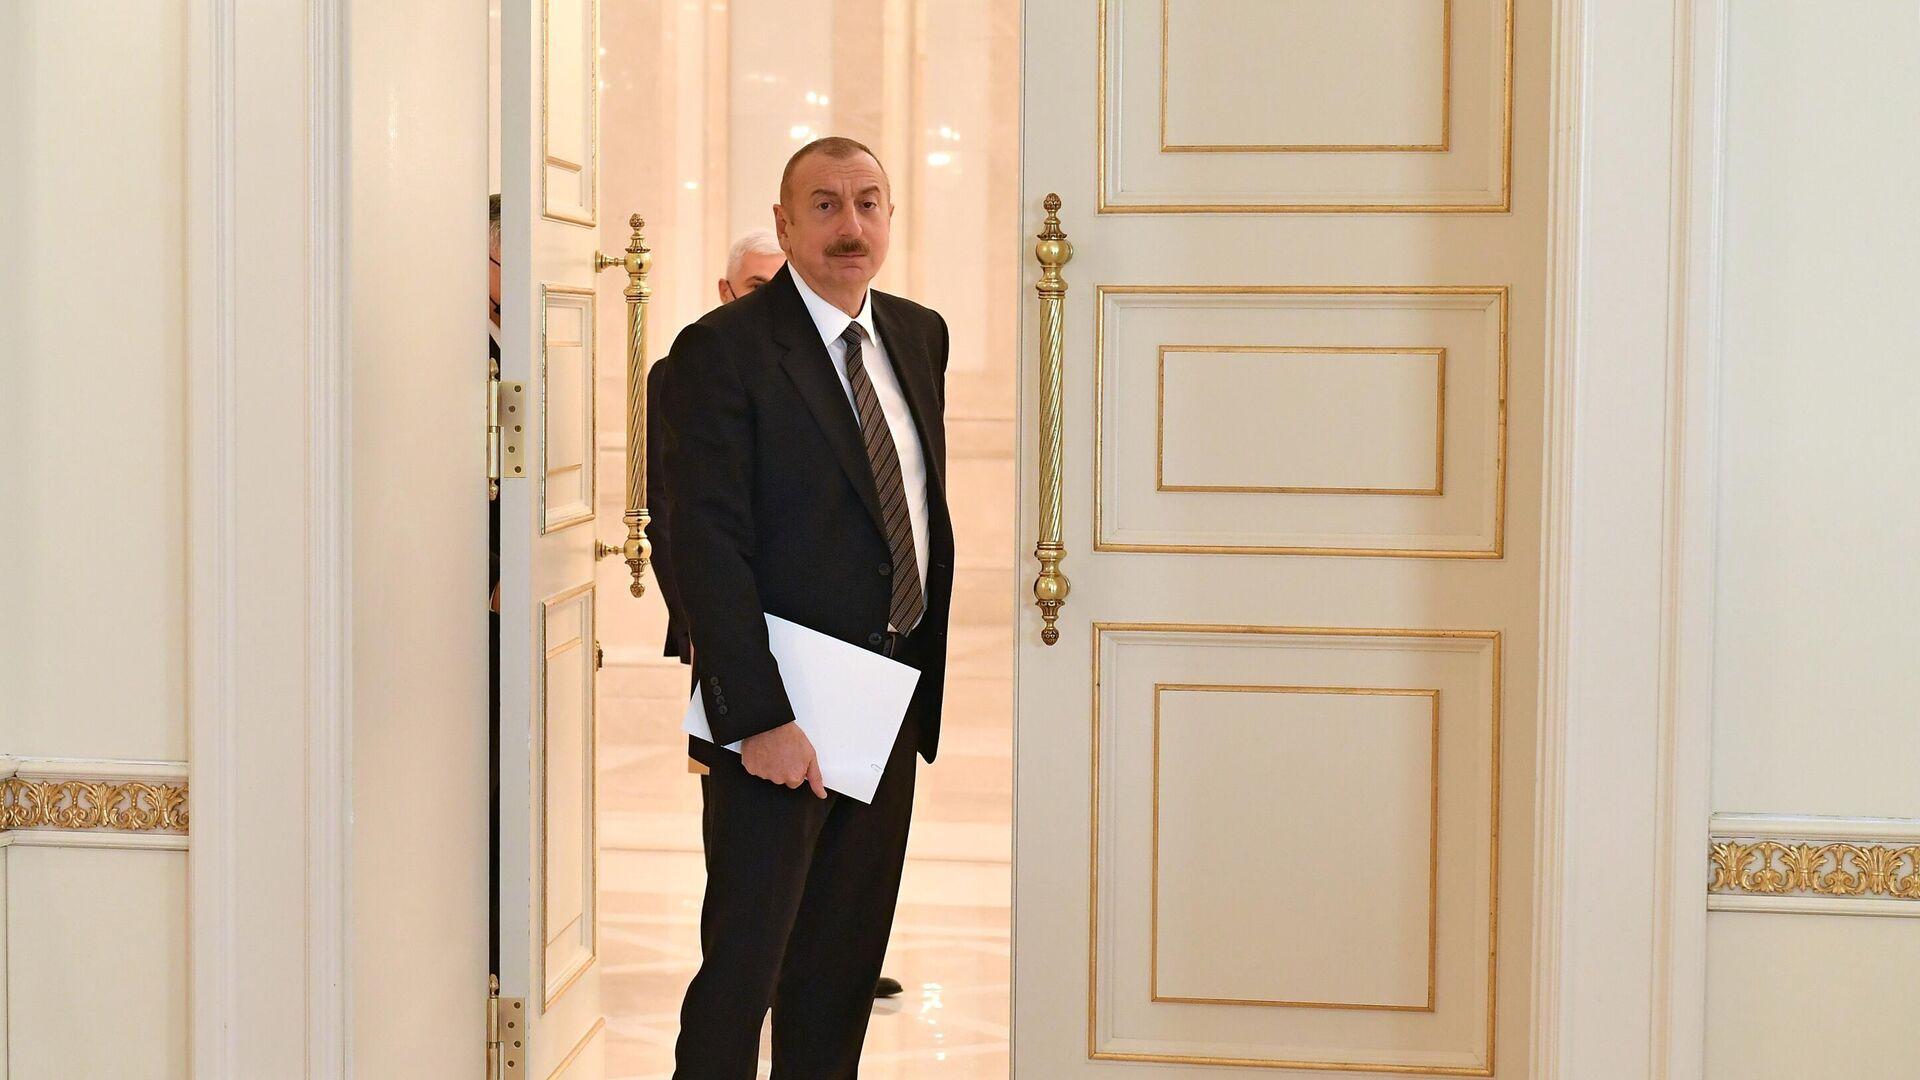 Президент Азербайджана Ильхам Алиев перед встречай с министром обороны РФ Сергеем Шойгу в Баку - РИА Новости, 1920, 07.01.2021